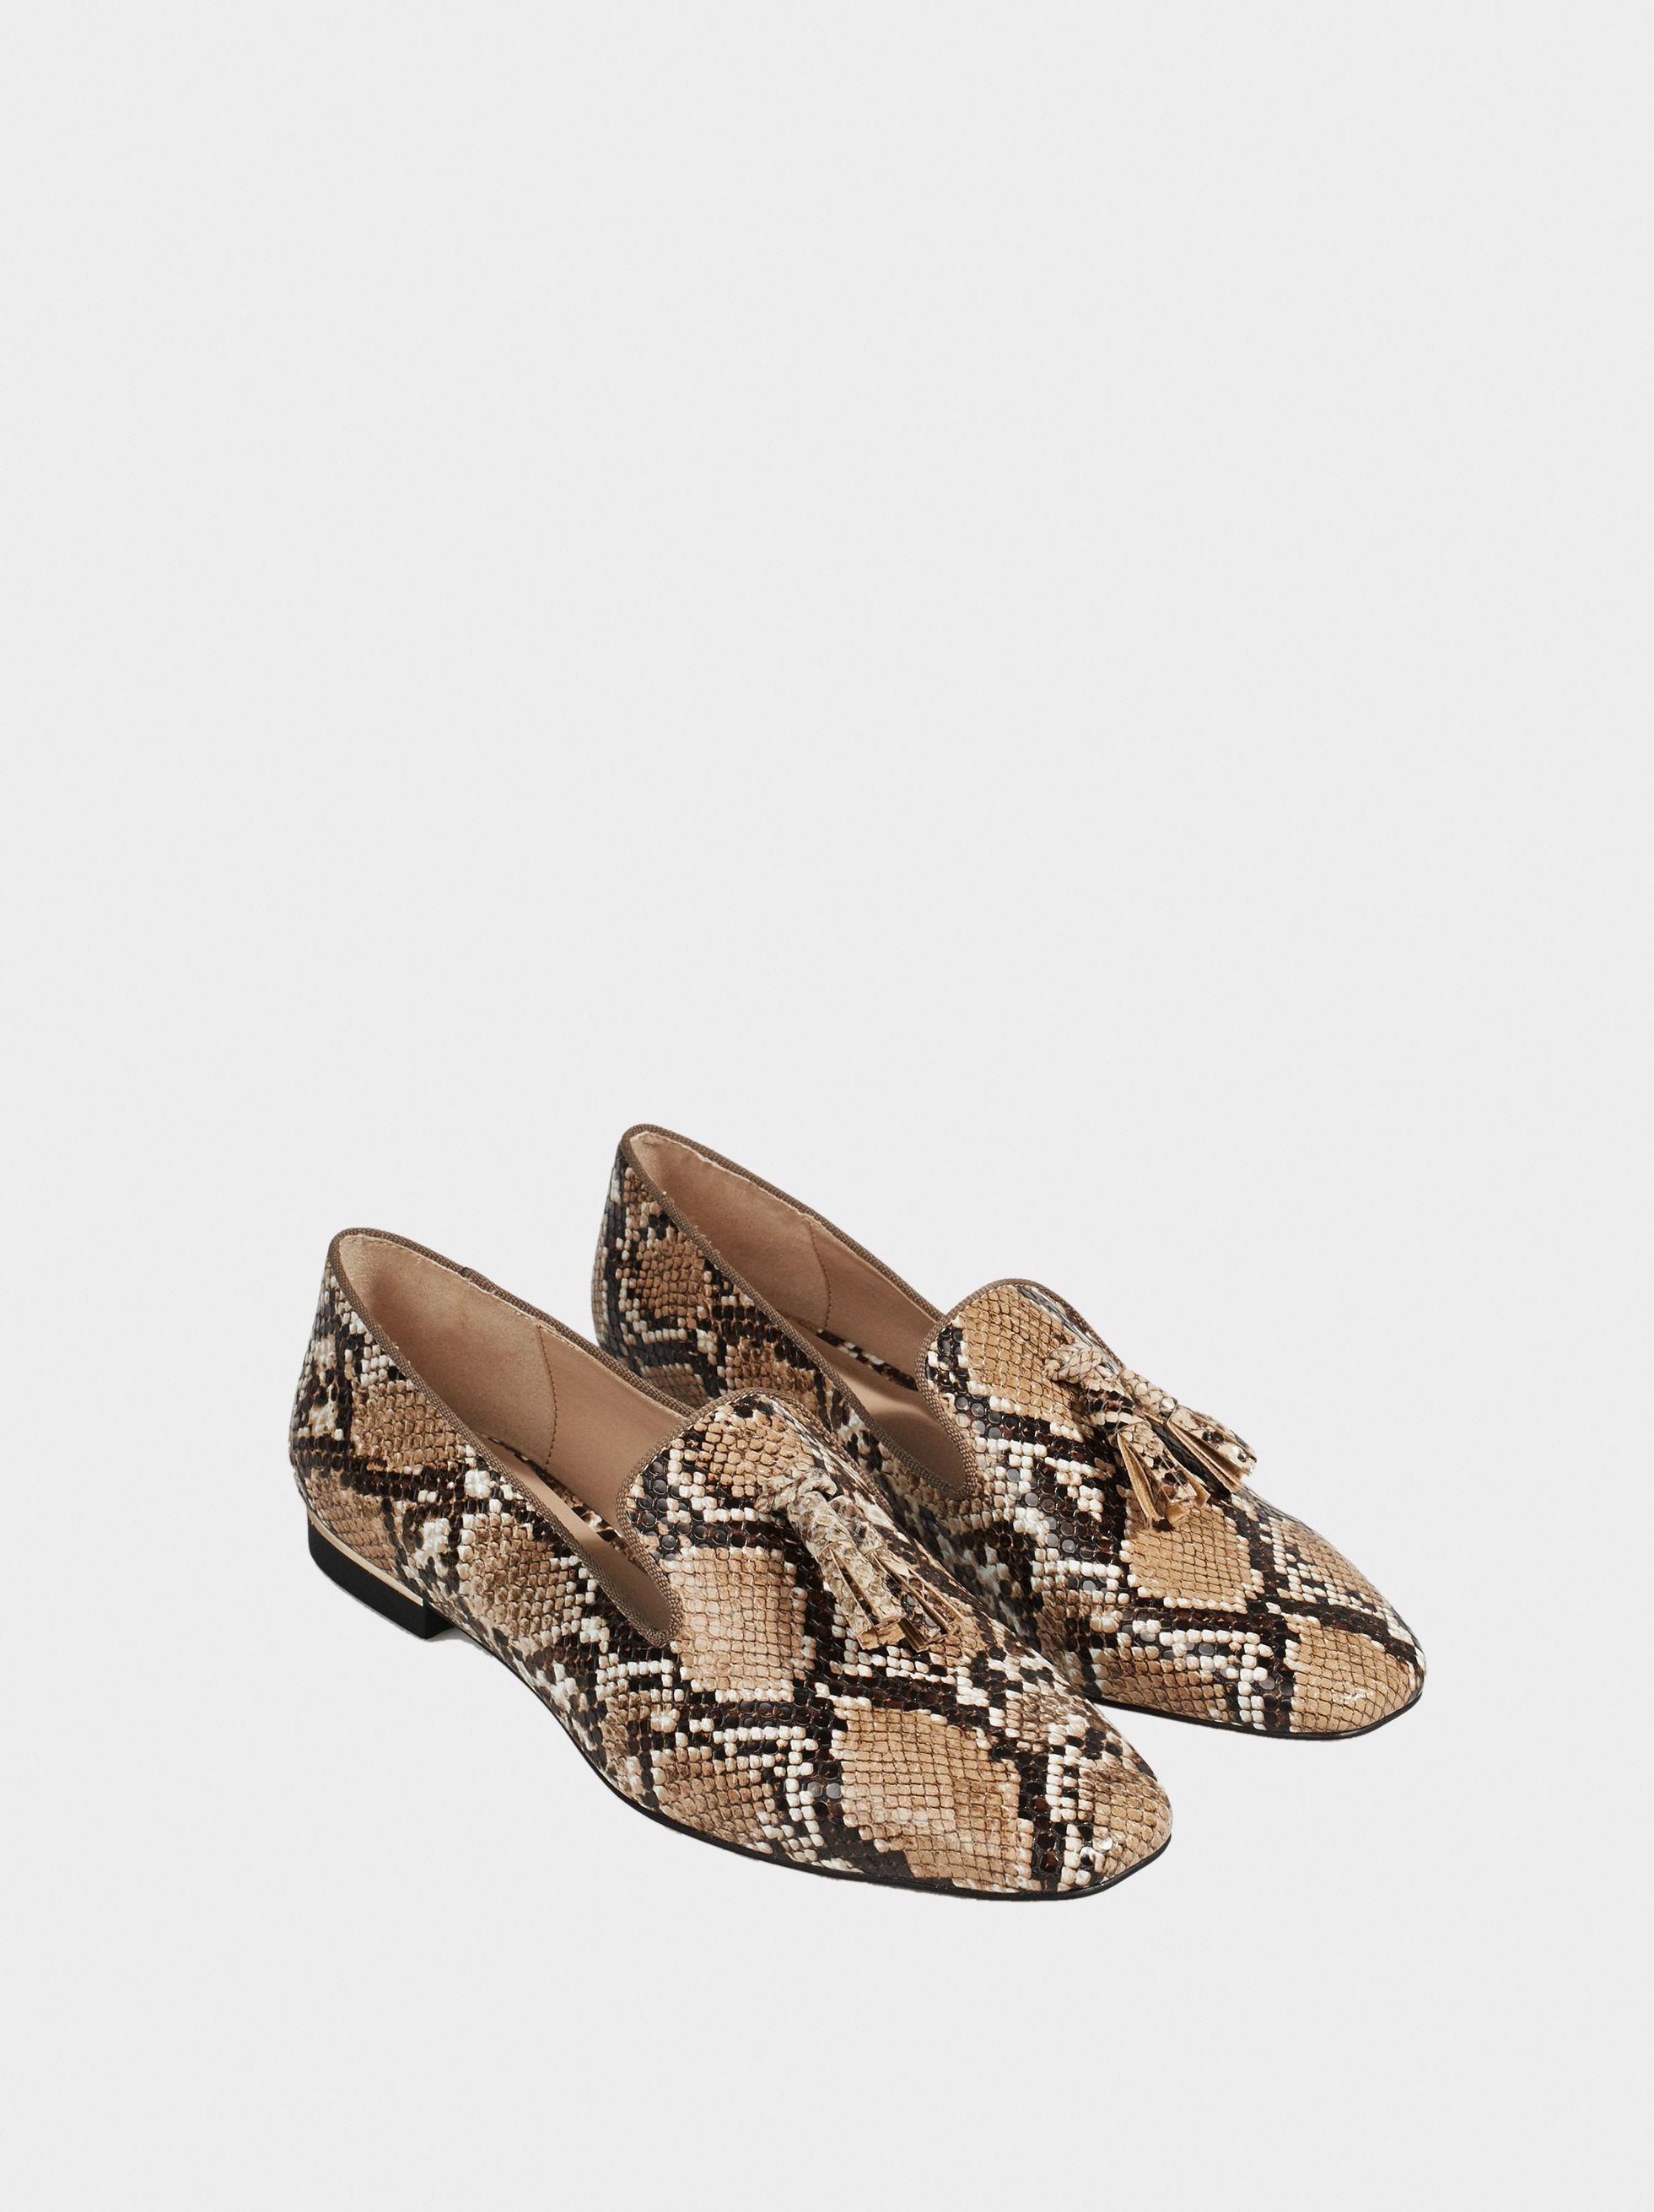 6ec2828e1 Sapatos Snake Print - Sapatos Rasos - parfois.com | outfits⚡ in ...